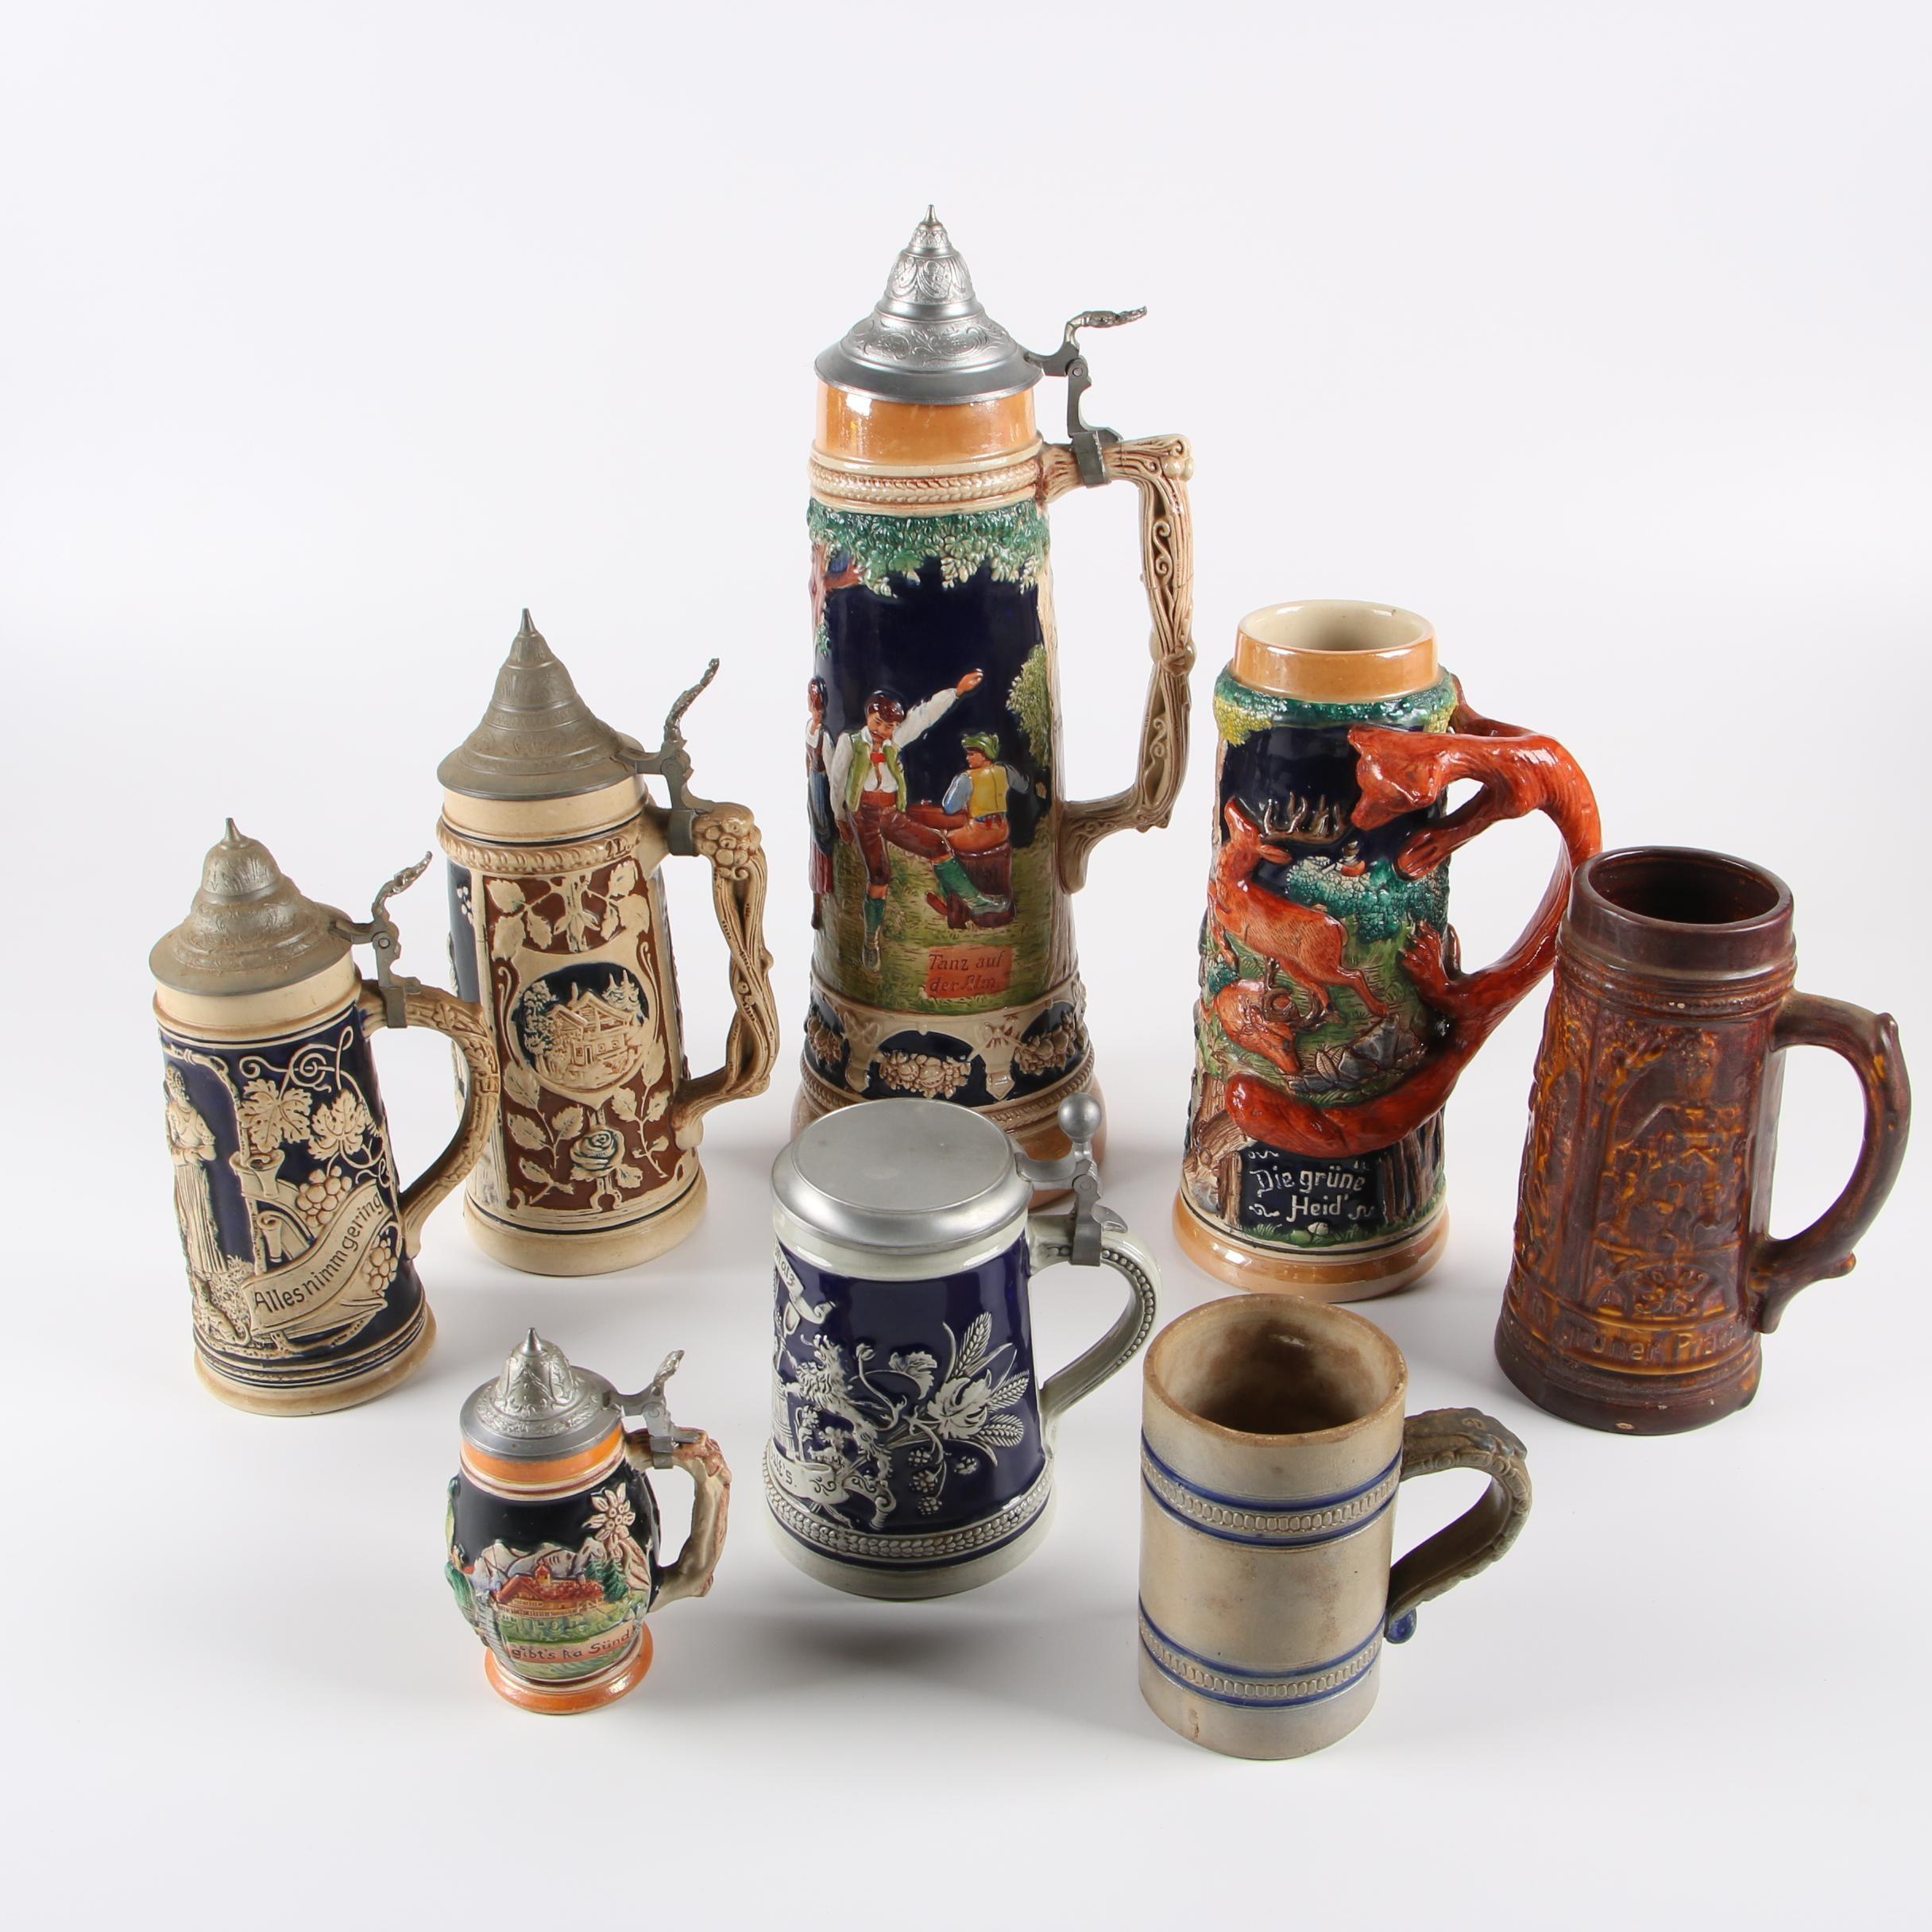 Antique John Wygand Stoneware Mug with Vintage German Steins